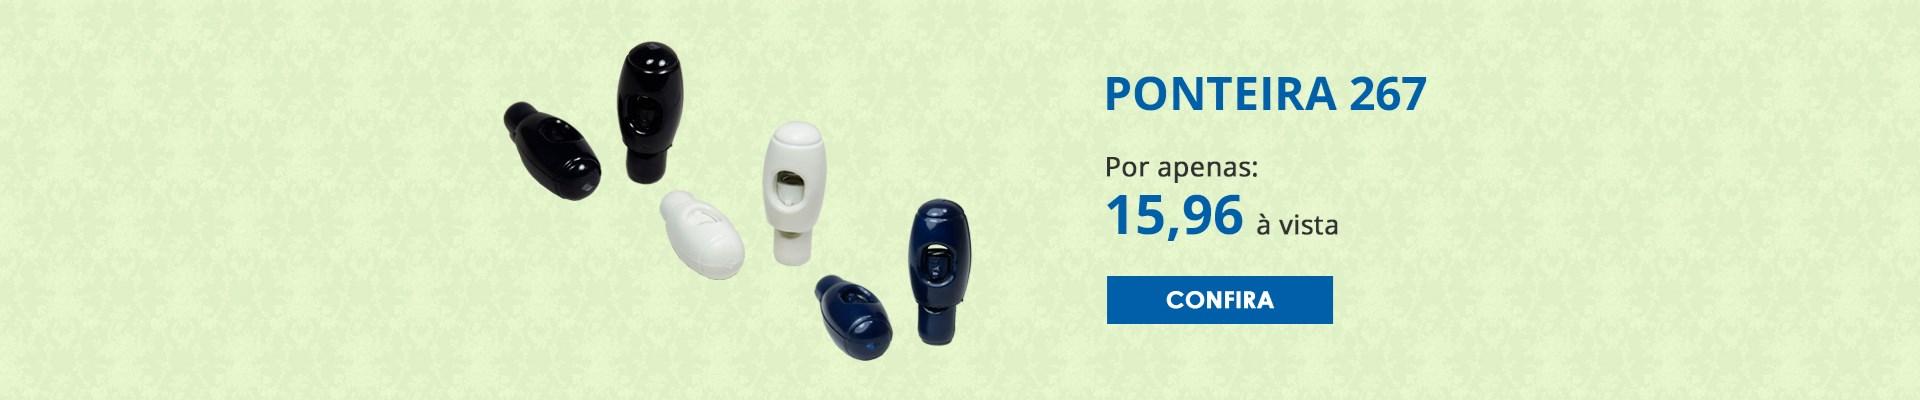 Ponteira 267